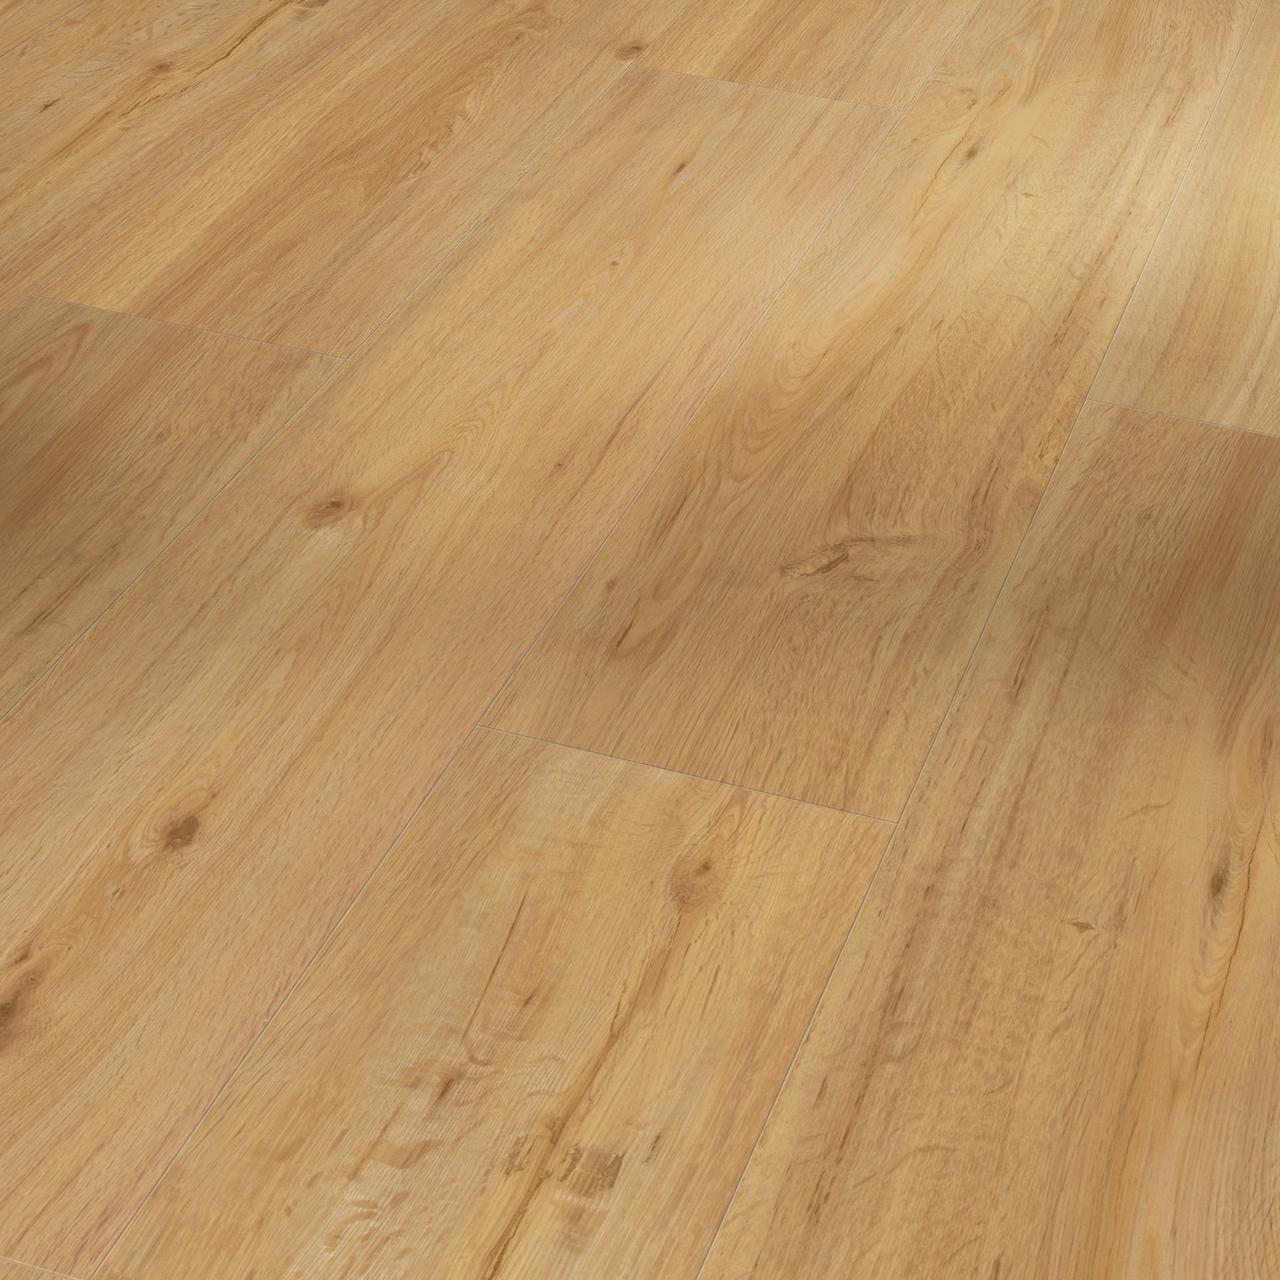 Дуб натуральный браш (Oak natural brushed texture)